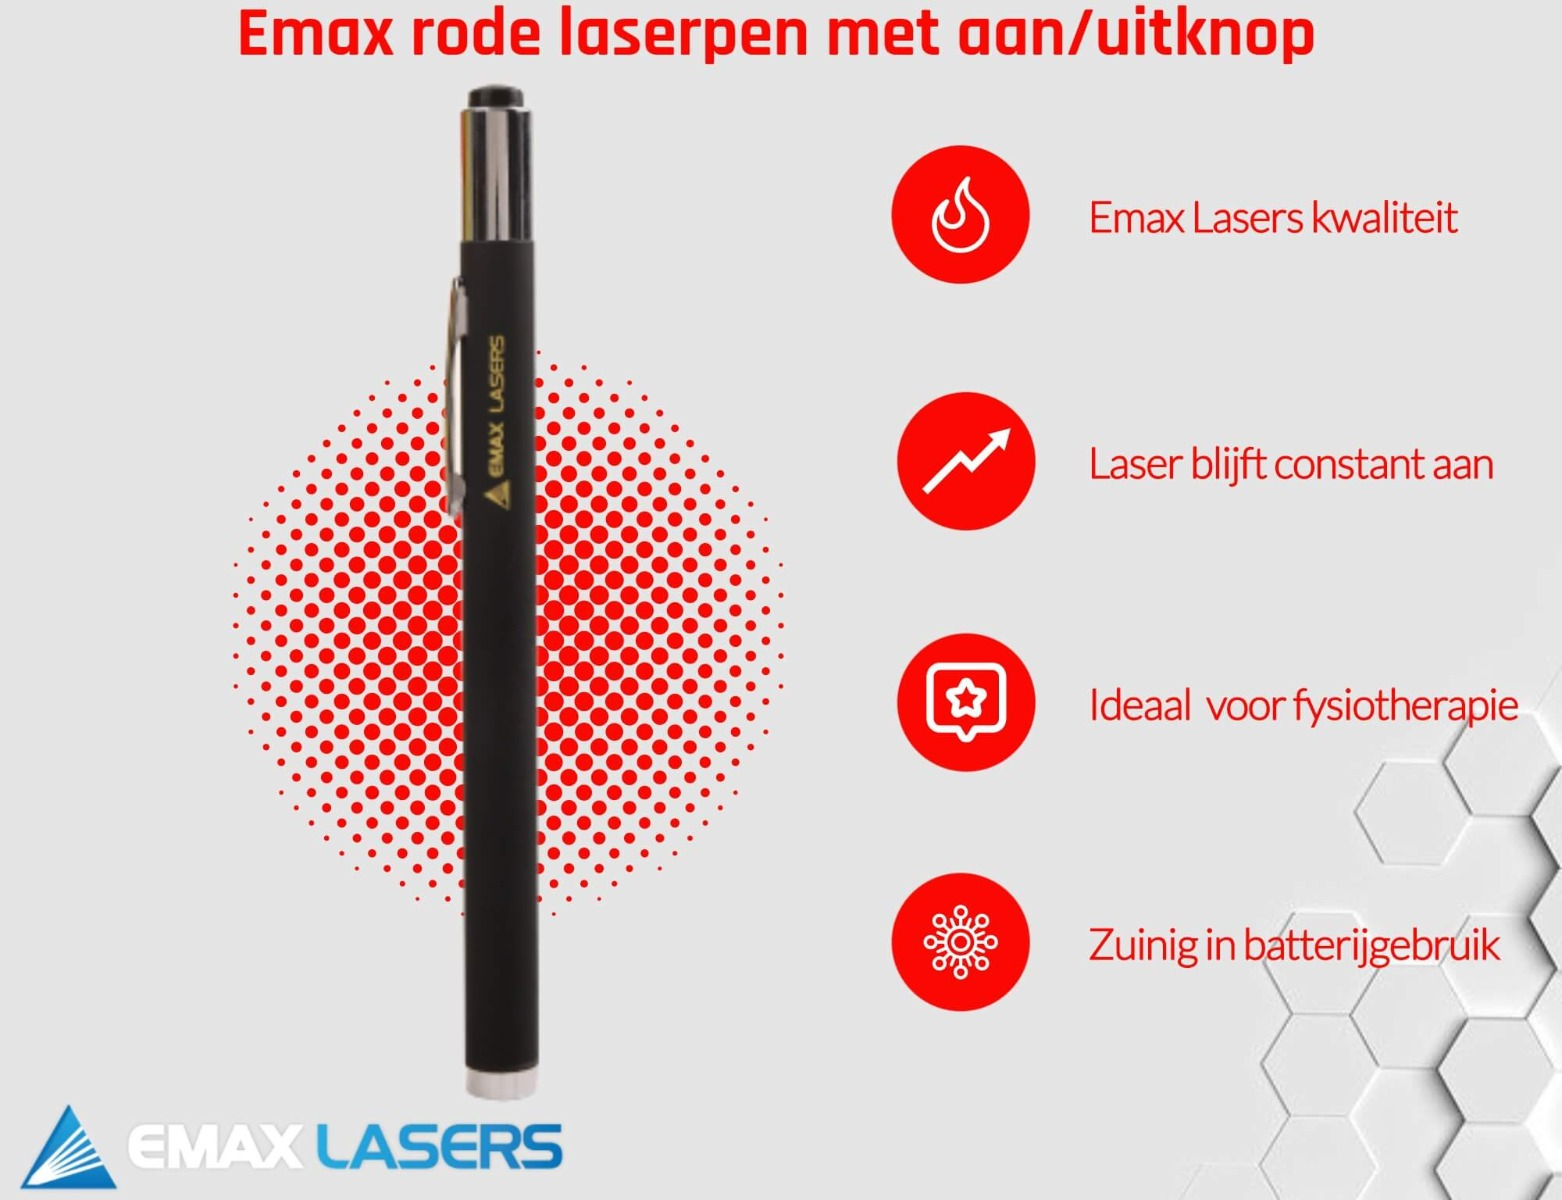 emax rode laserpen met aan-uitknop banner